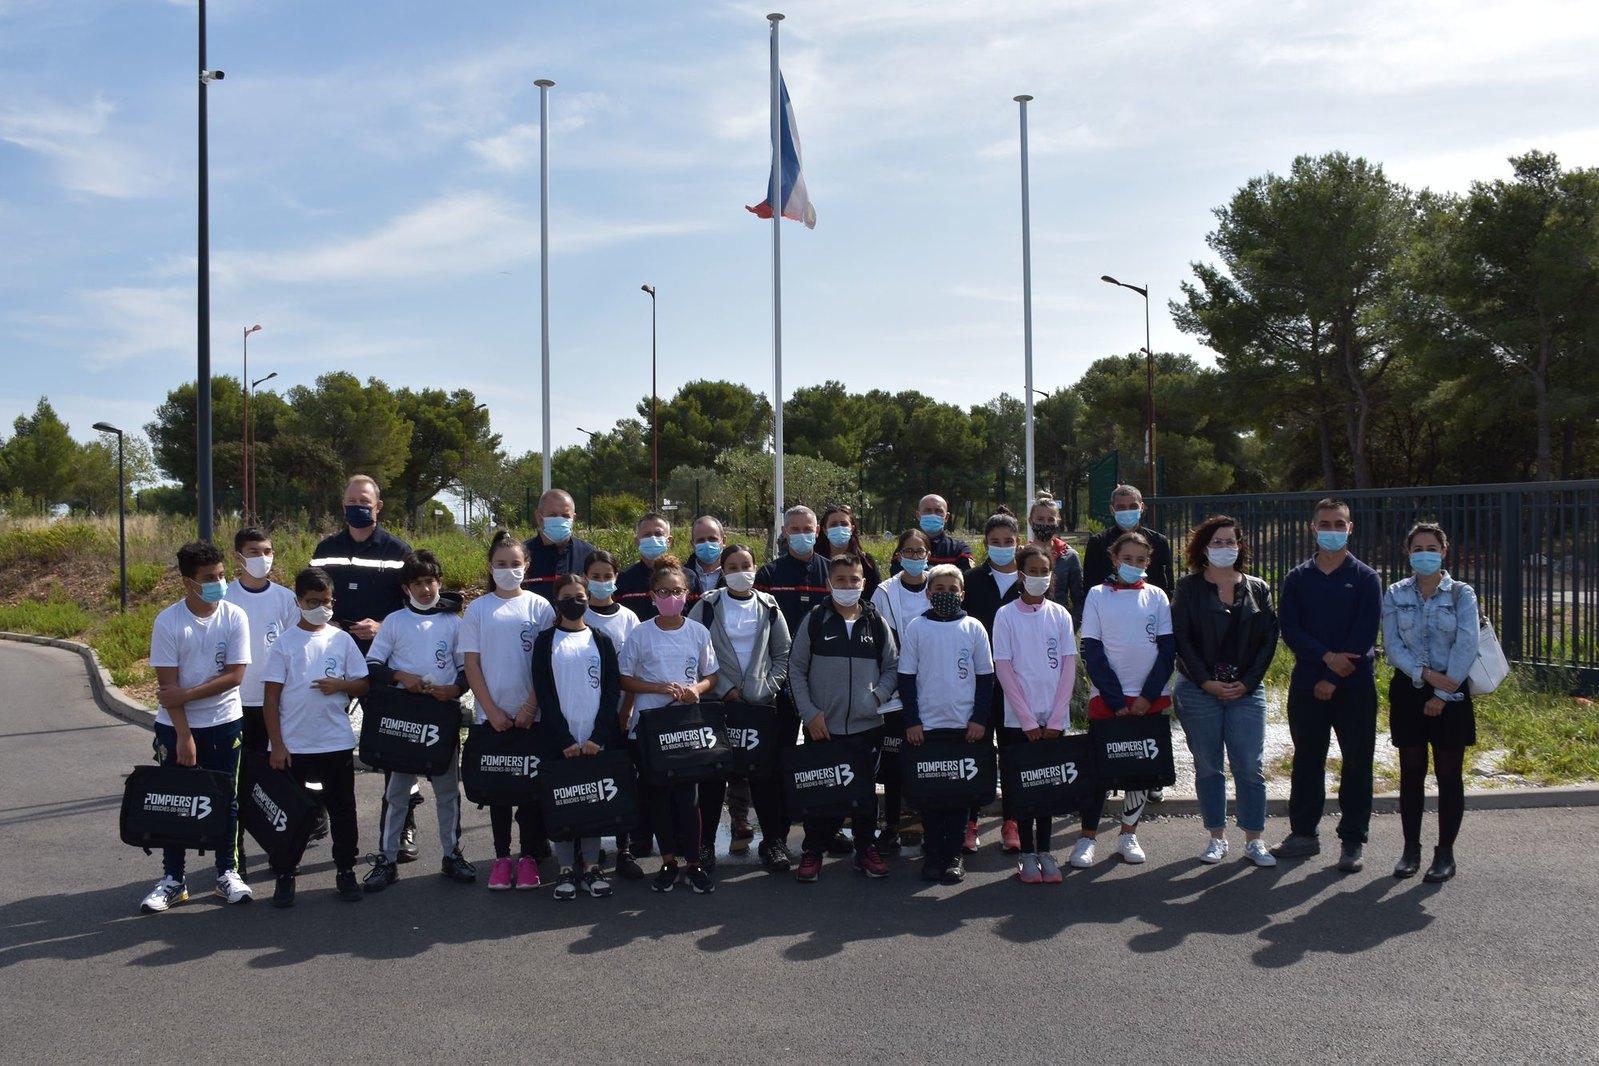 Les cadets de la Sécurité civile se lancent à Port-de-Bouc